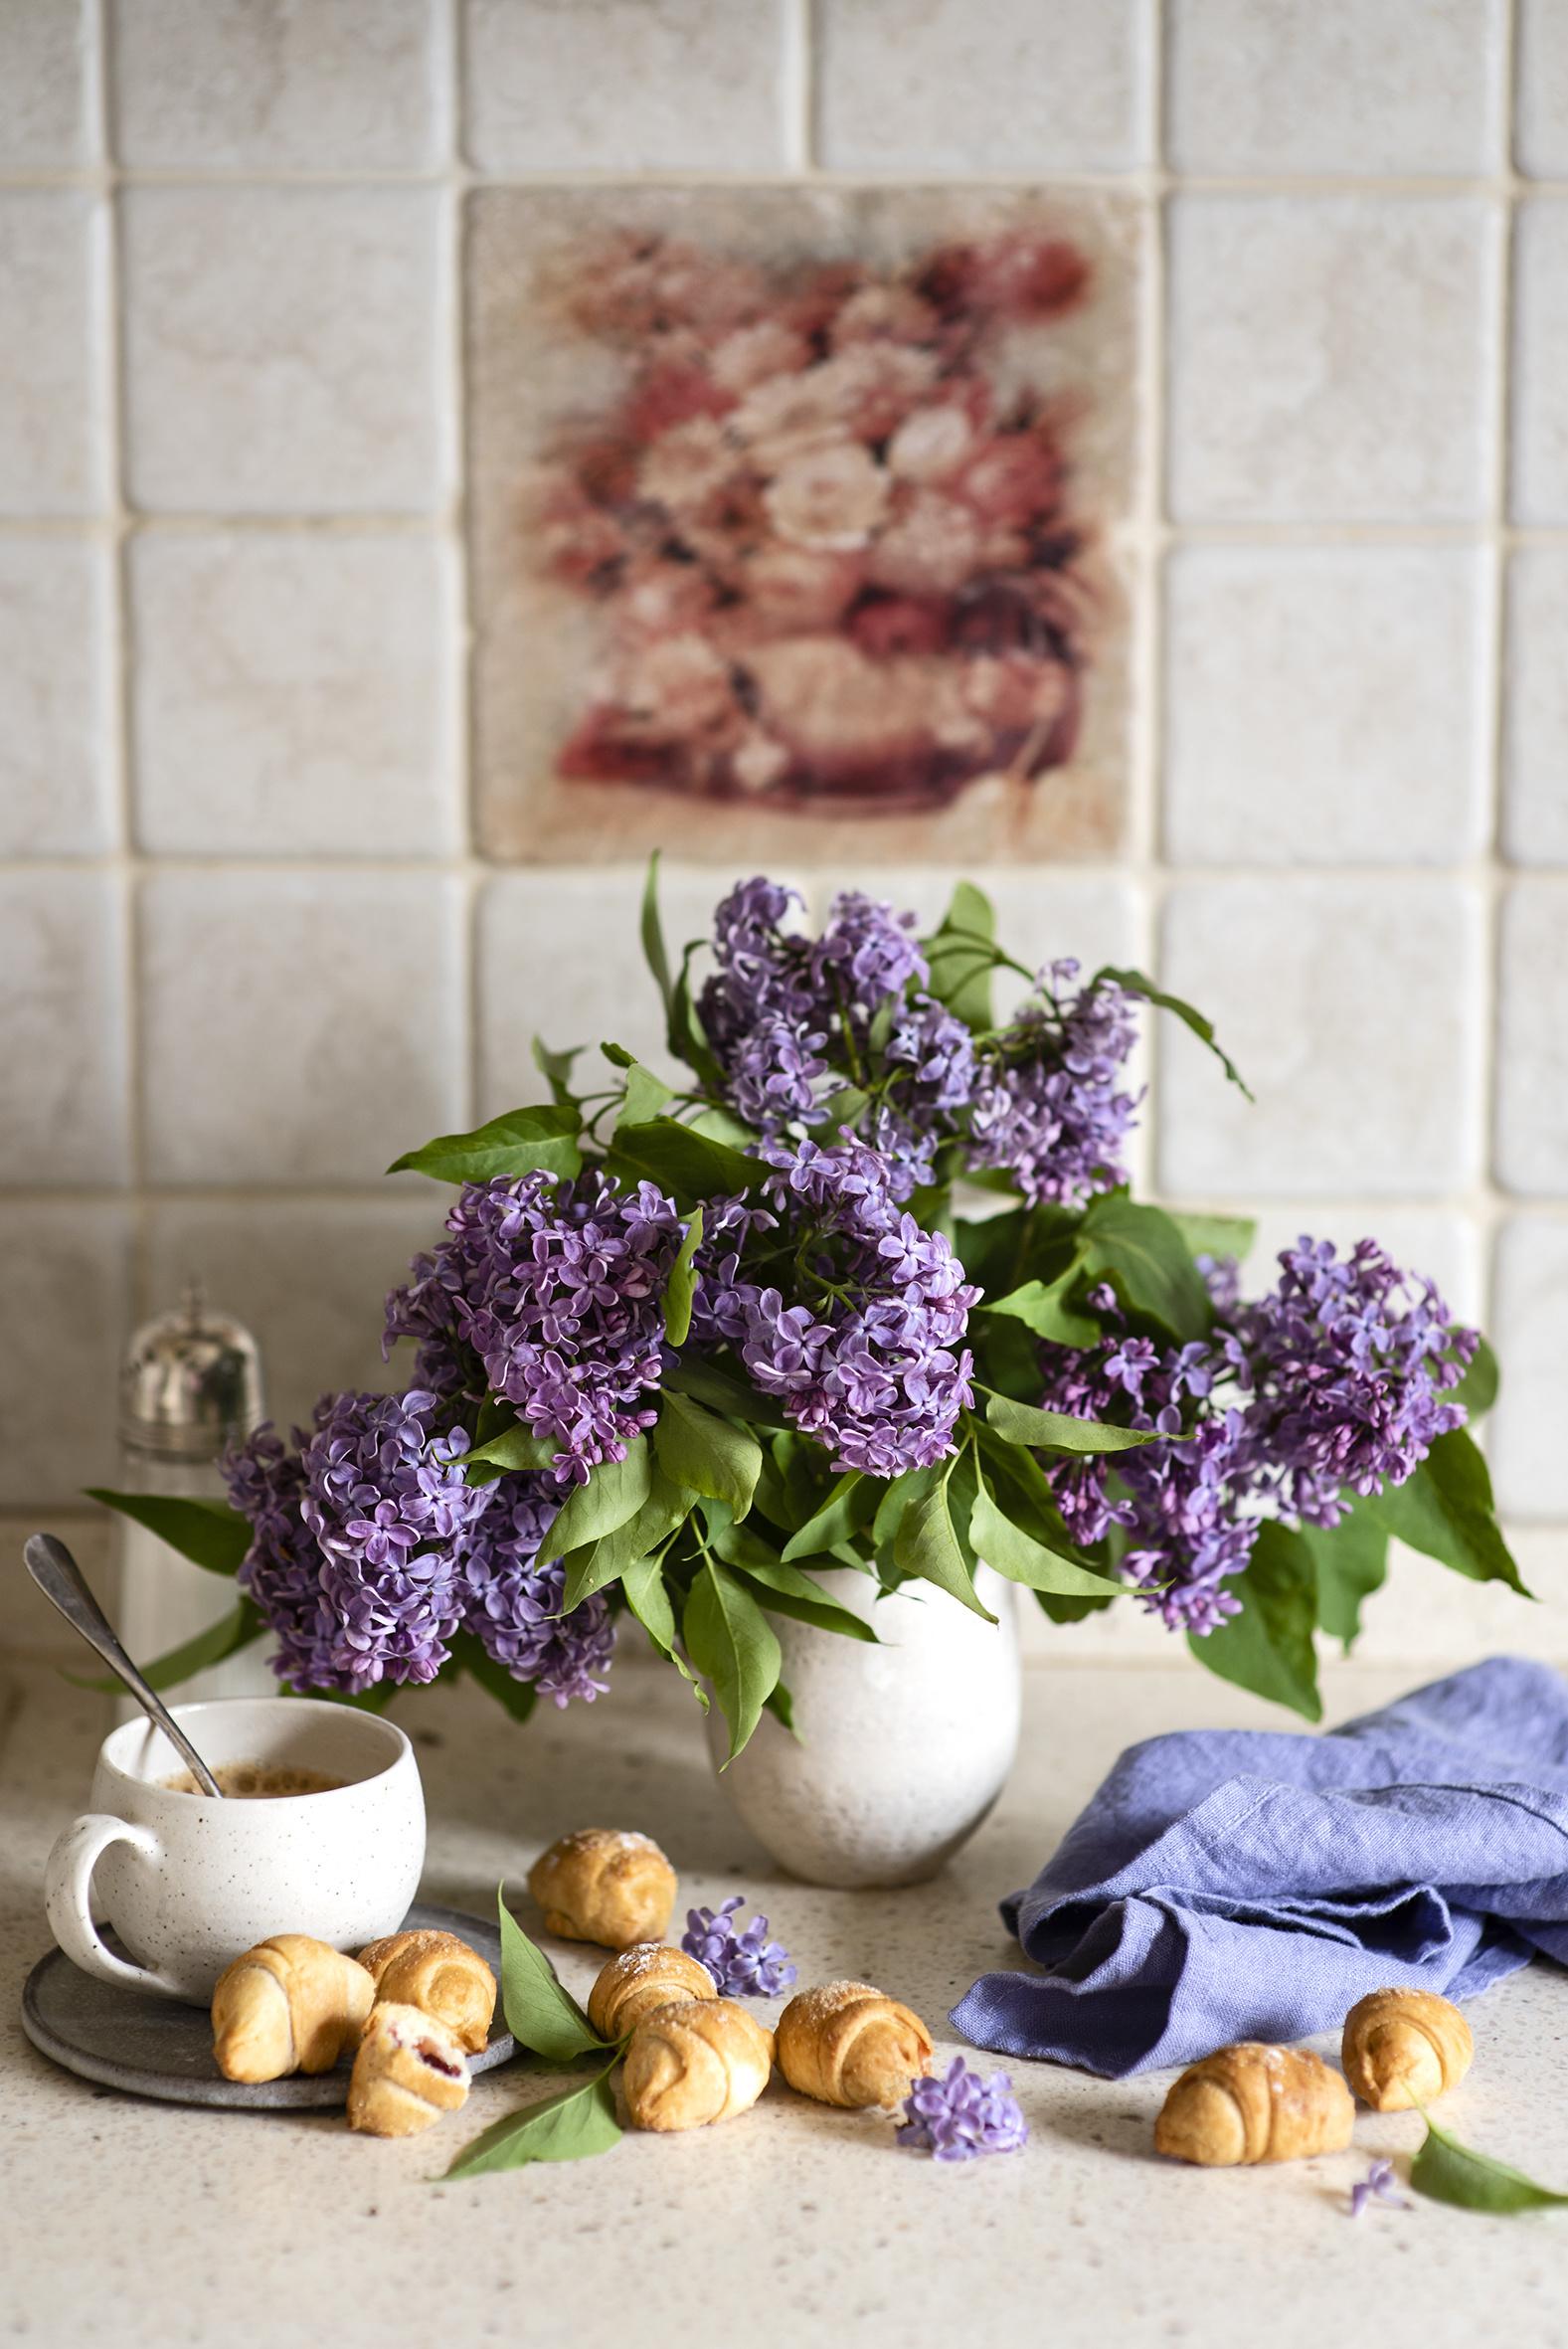 Обои для рабочего стола Круассан Цветы Сирень вазе Чашка Продукты питания Натюрморт  для мобильного телефона цветок Еда Пища вазы Ваза чашке